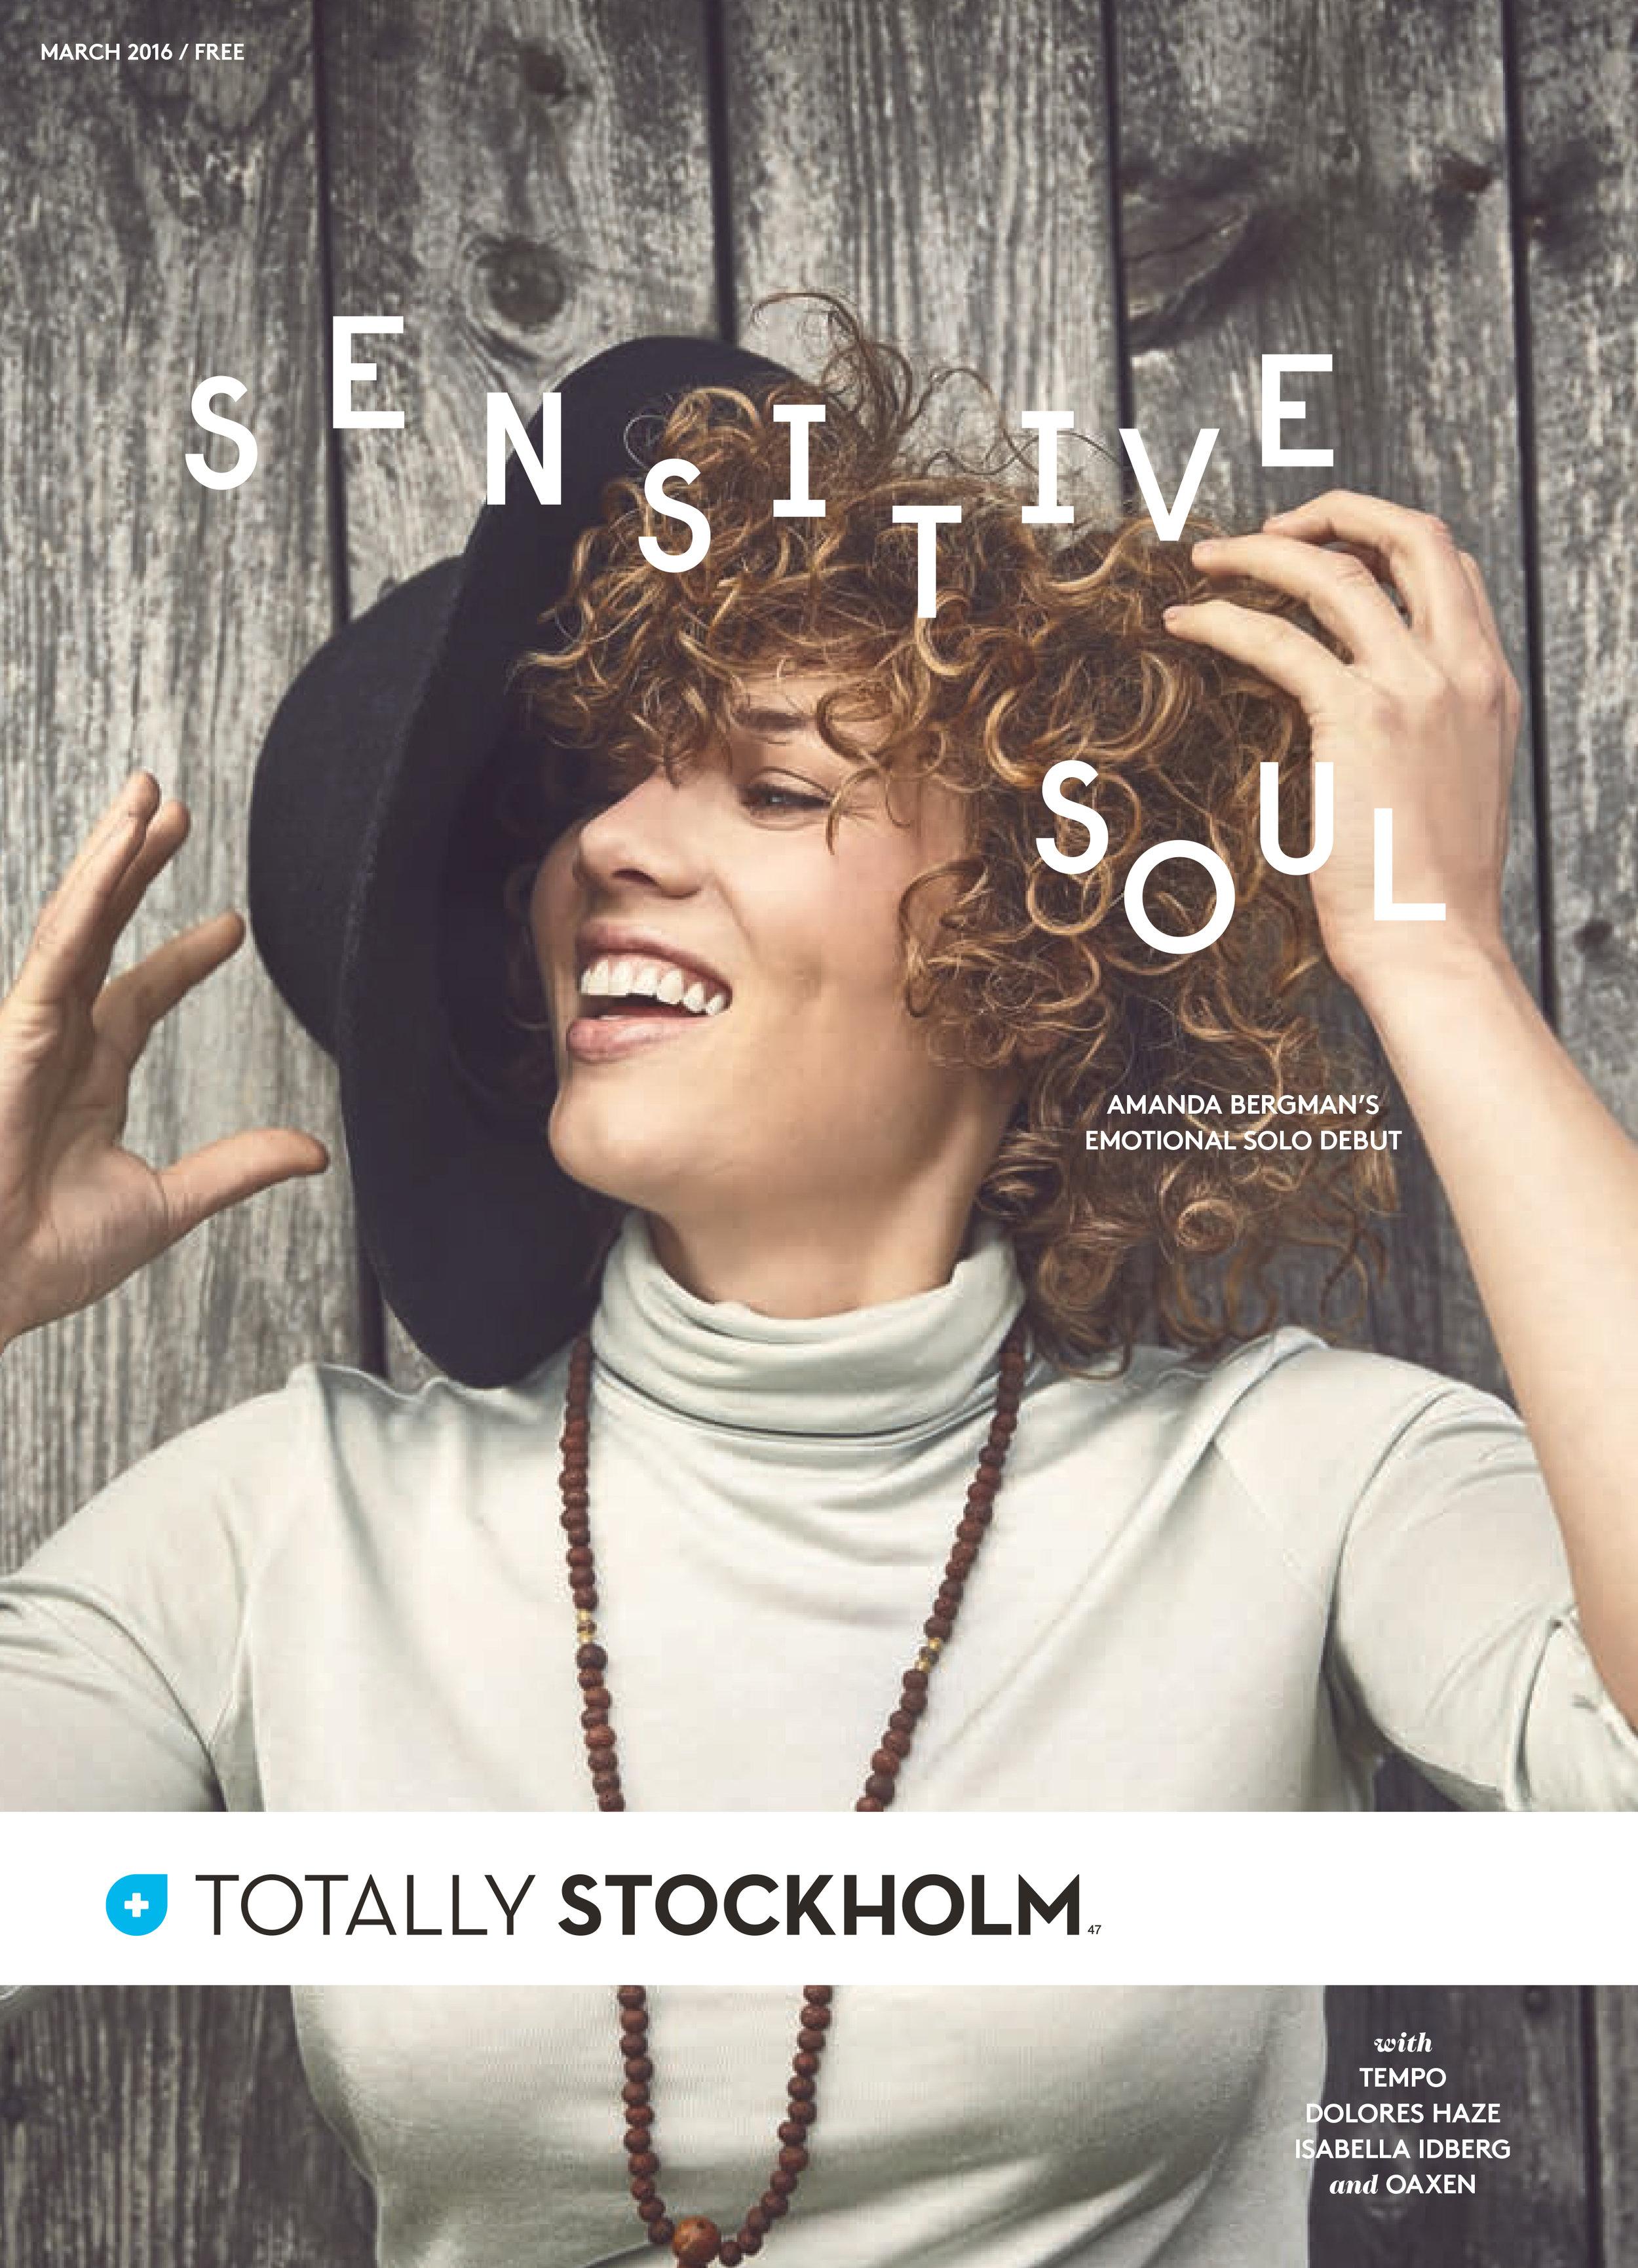 1Totally_Stockholm-1.jpg